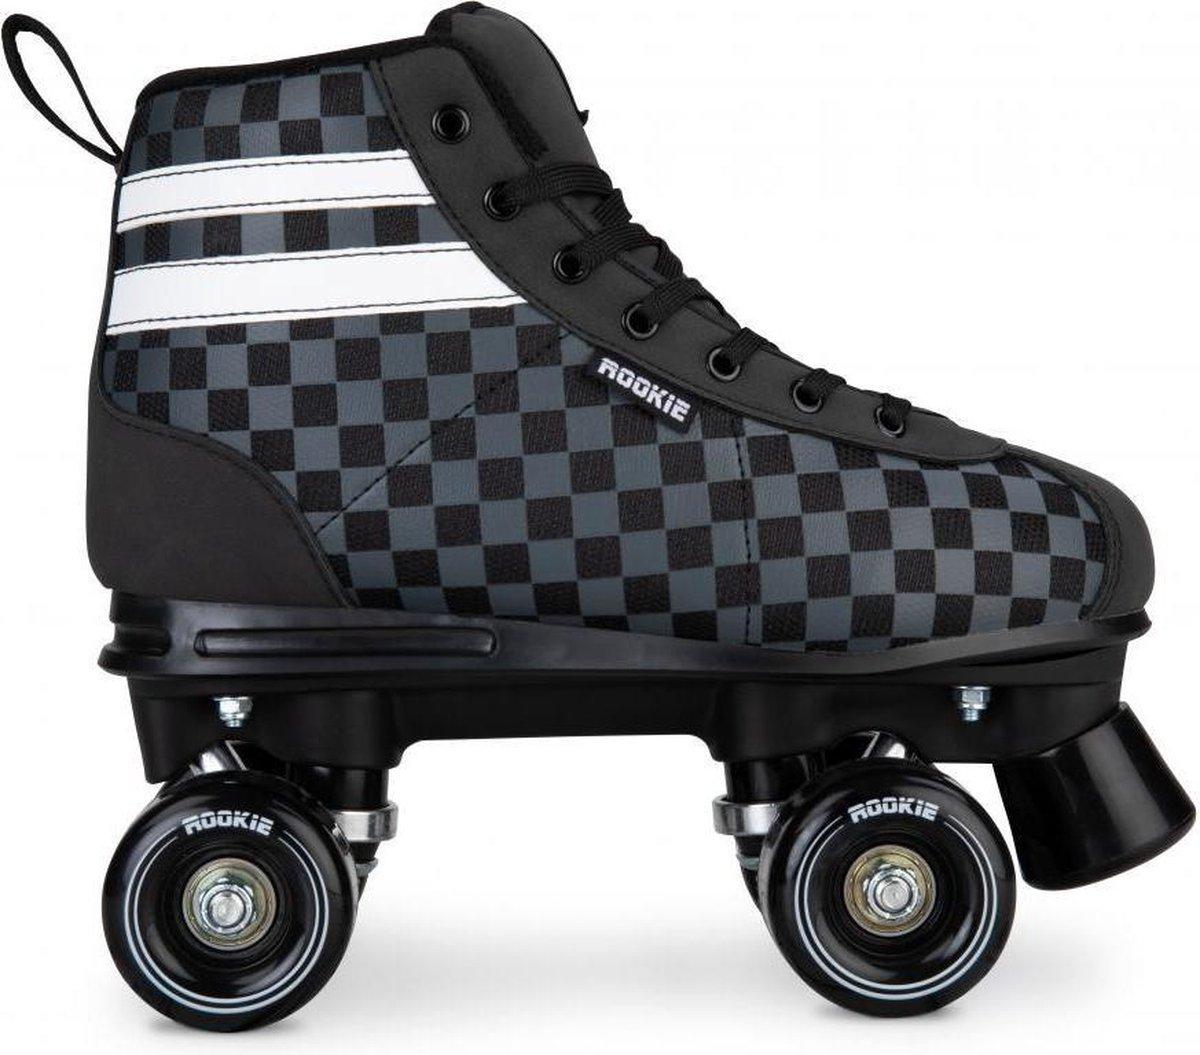 Rookie Magic zwart rolschaatsen (RKE-SKA-2715)